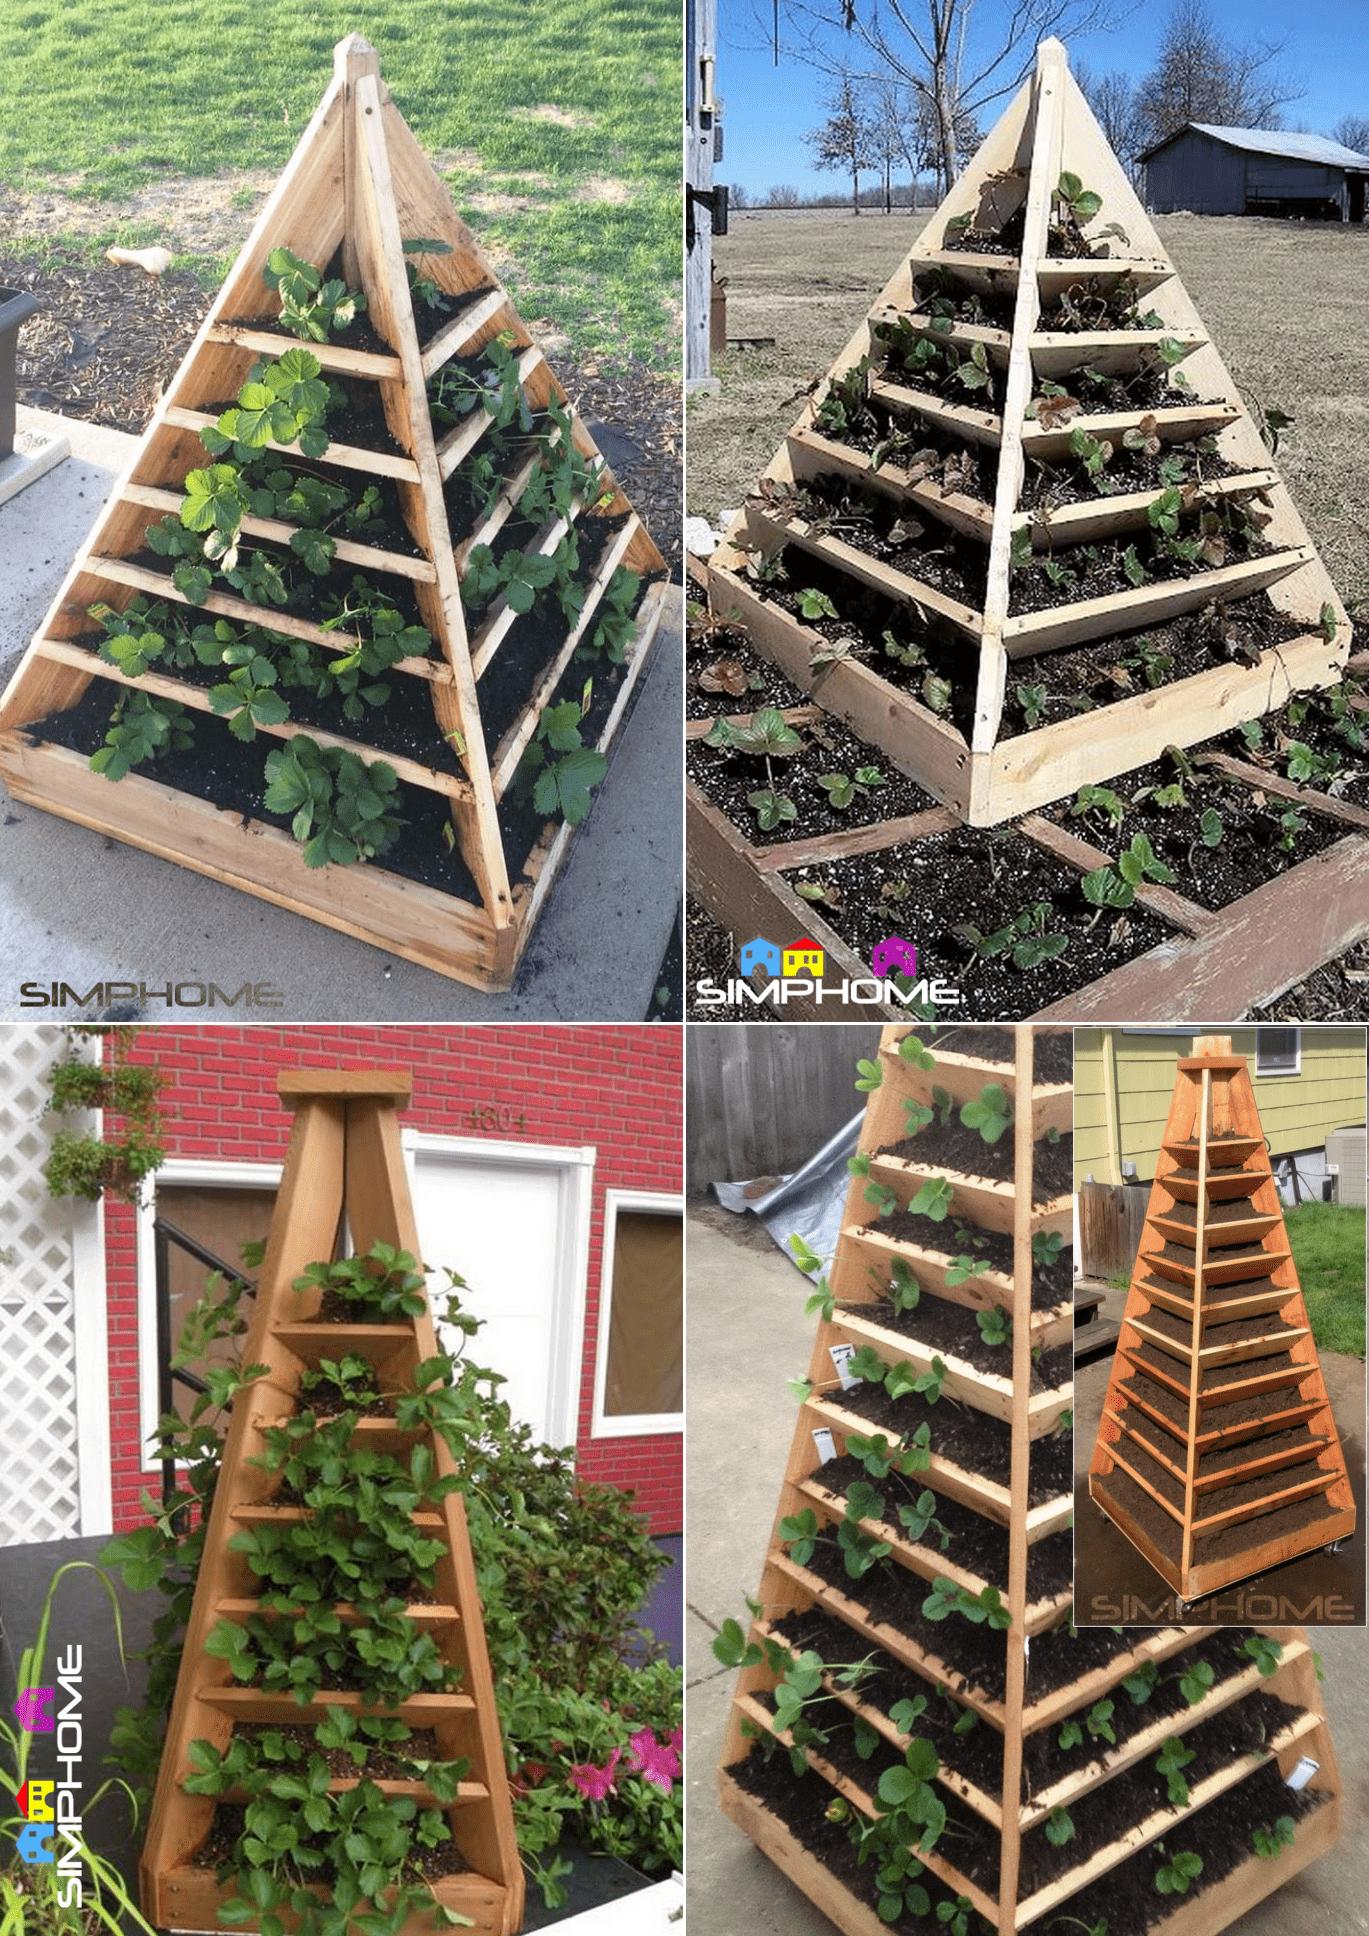 3.Pyramid Planter Projects via simphome.com